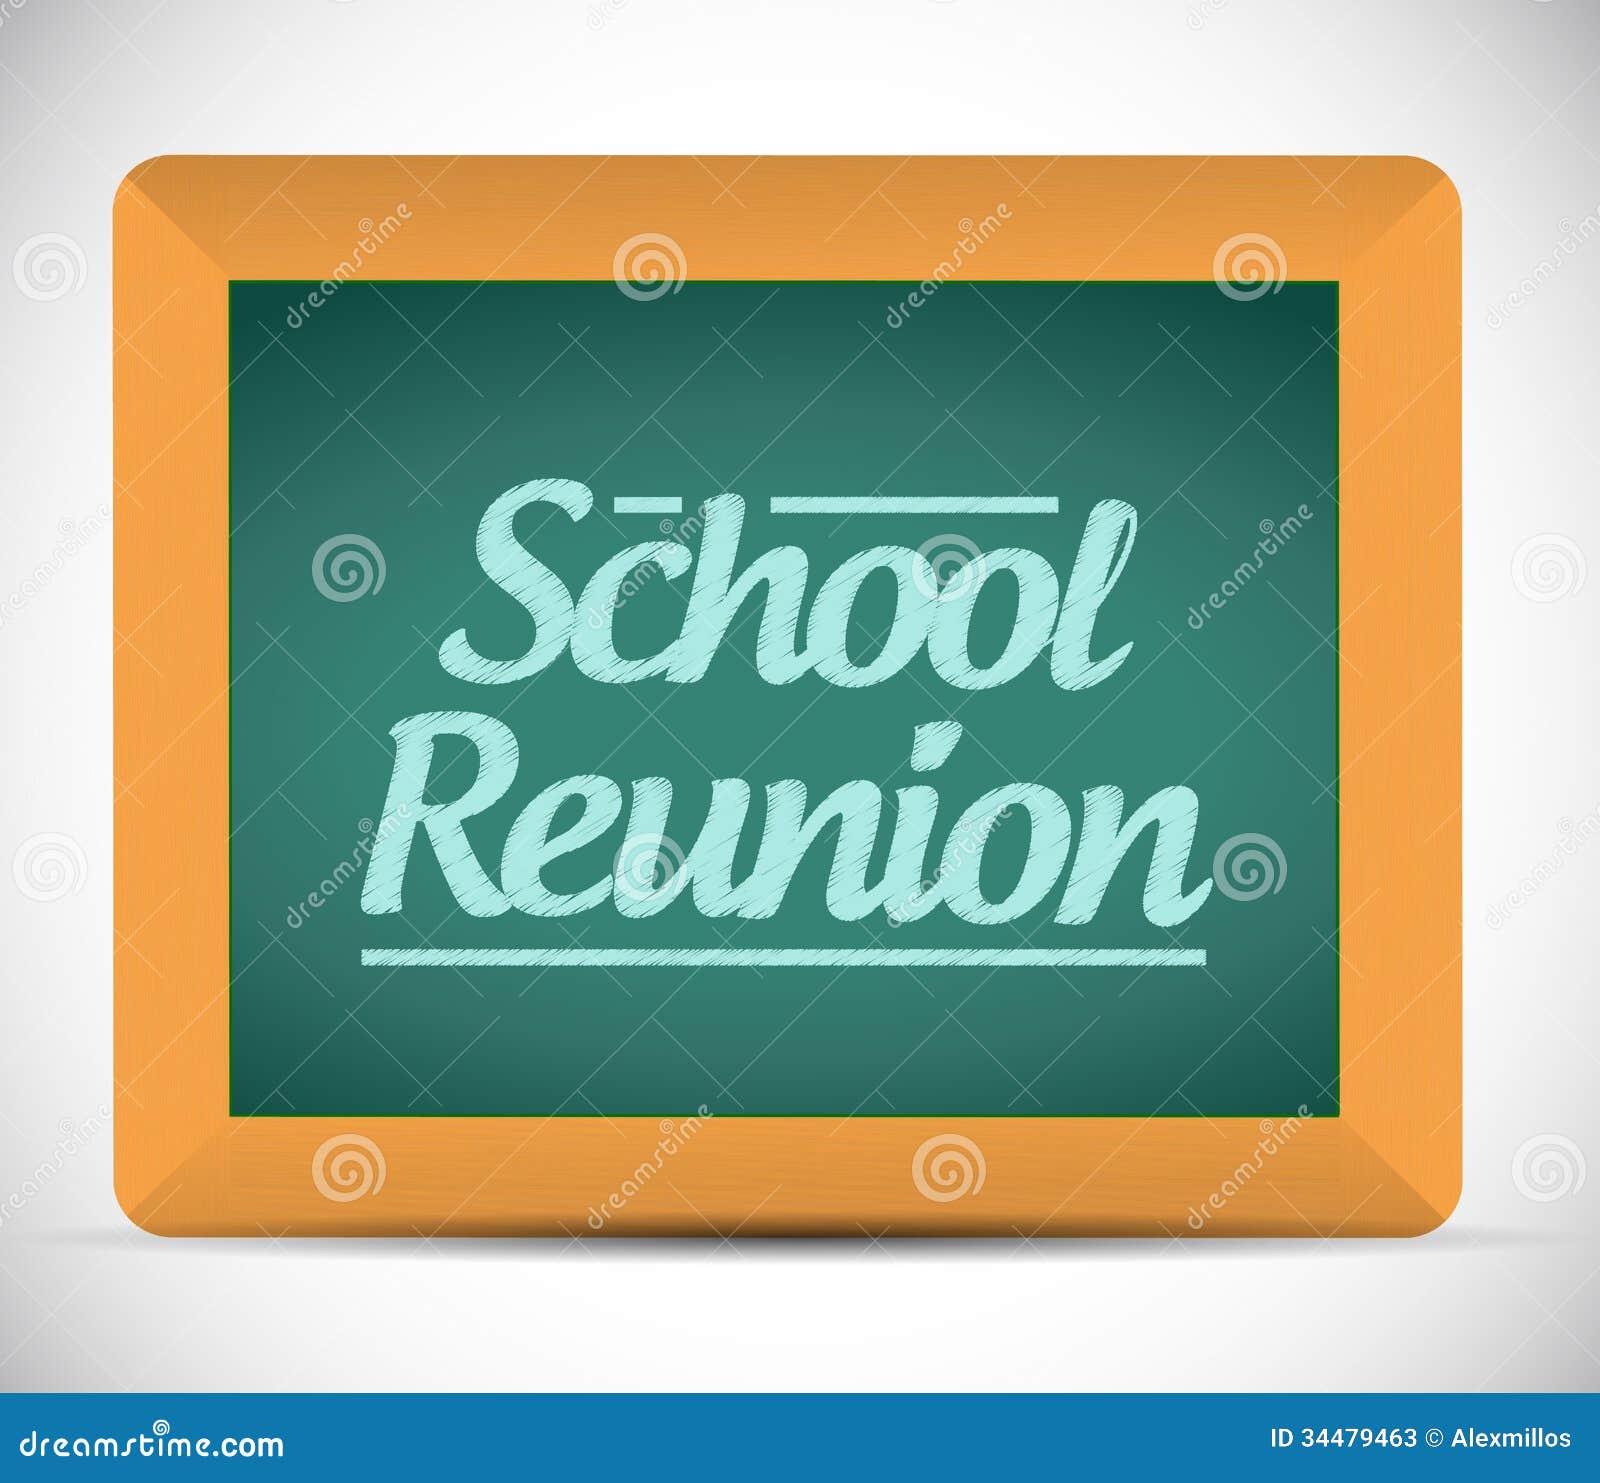 School Reunion Message Written On A Chalkboard Stock ...